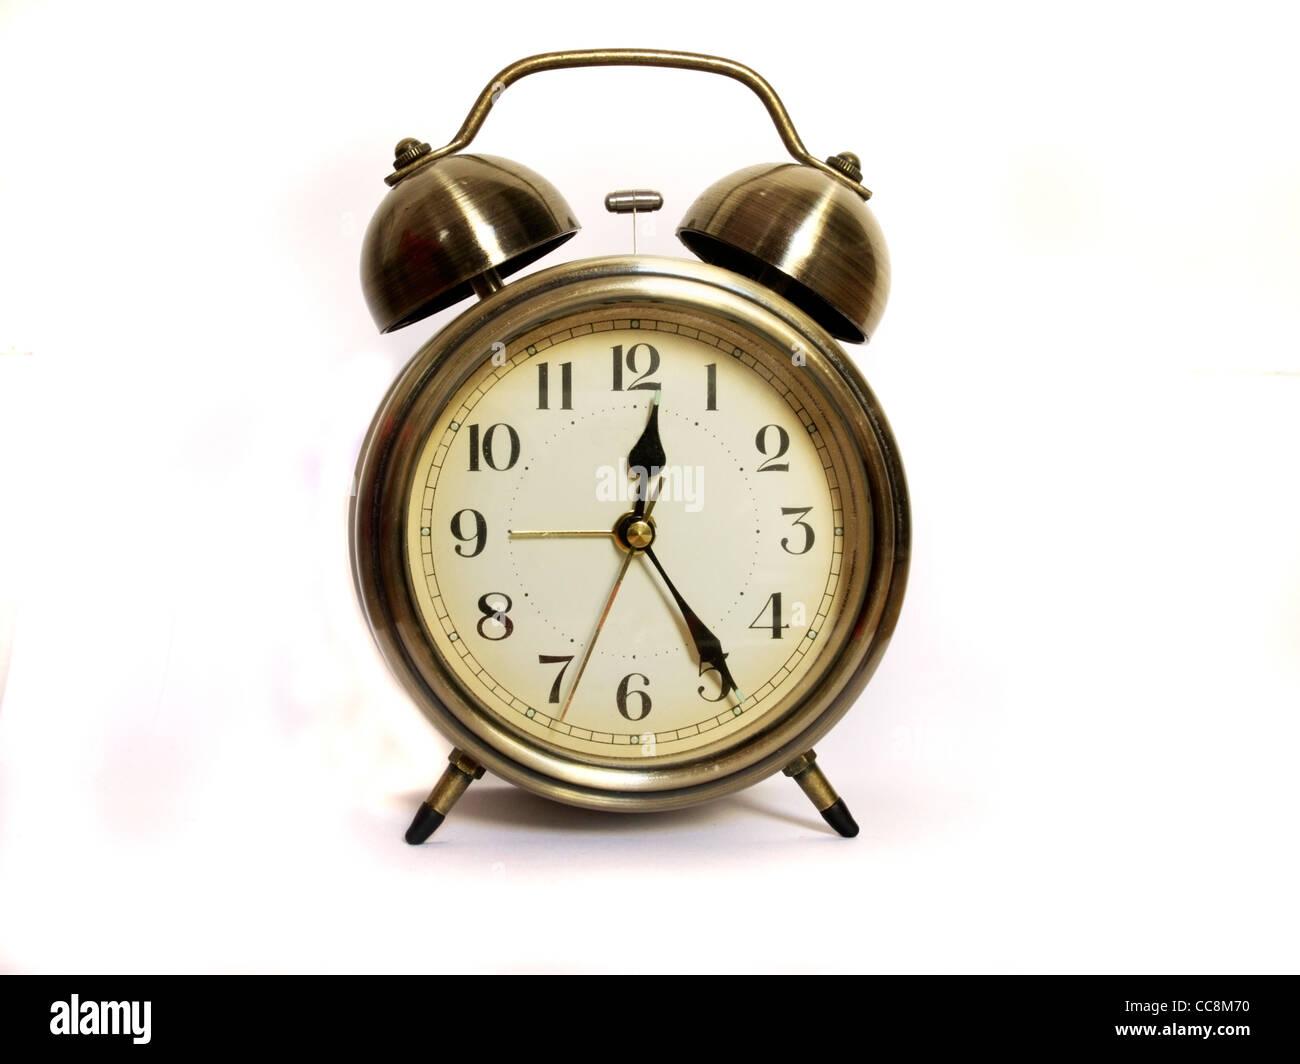 Analogue alarm clock - Stock Image